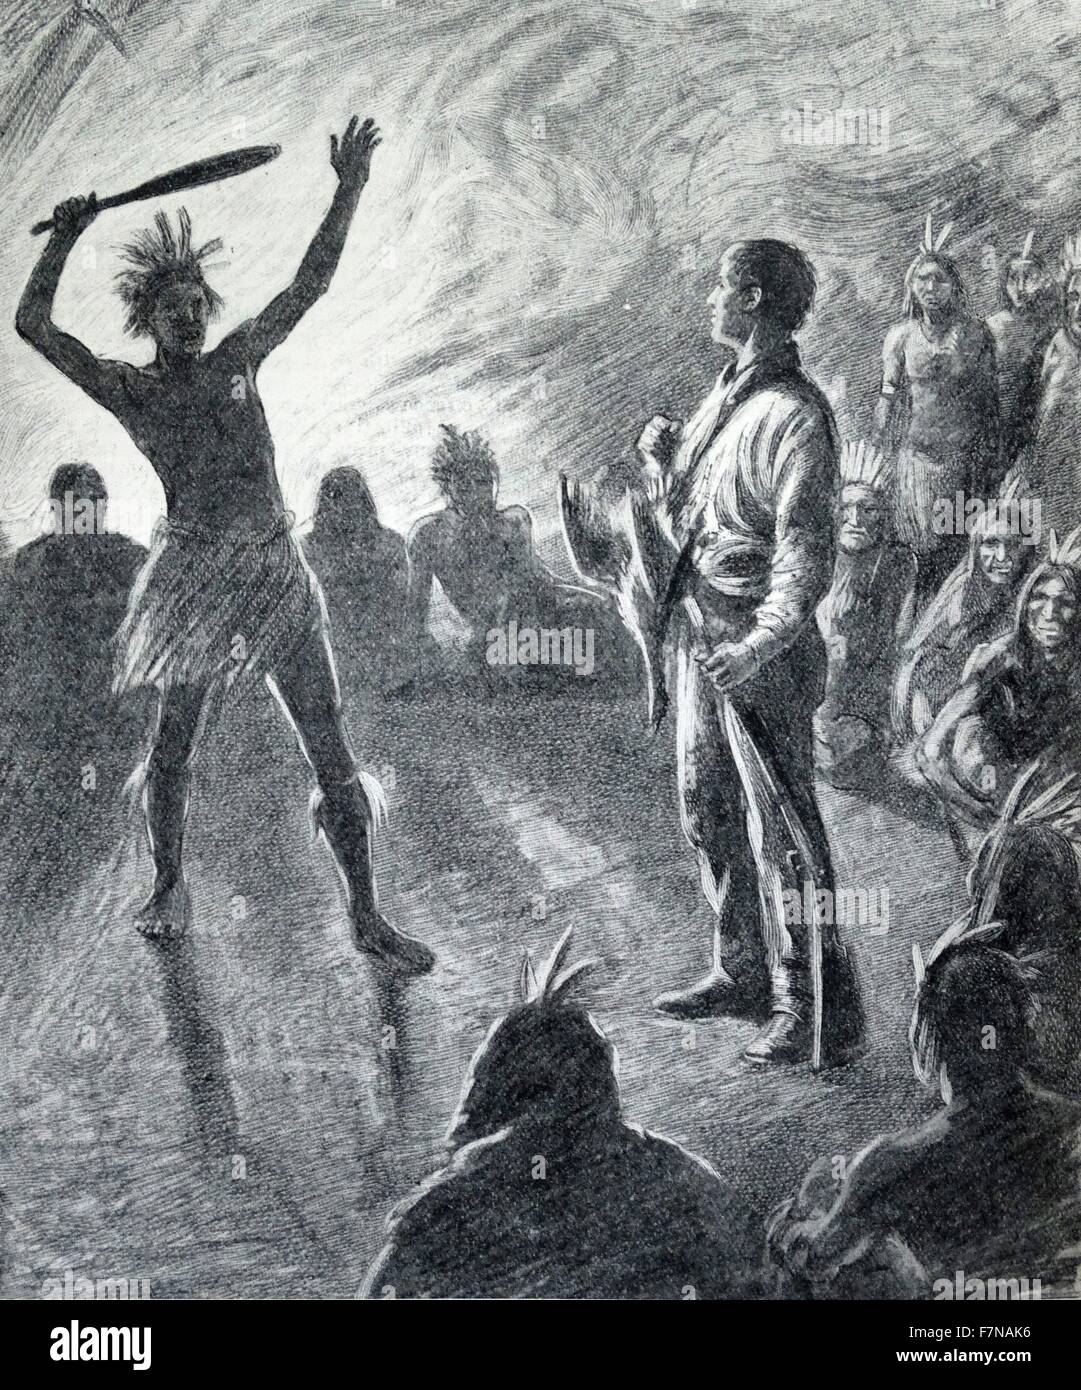 Weiße Frau indianischen Mann datiert